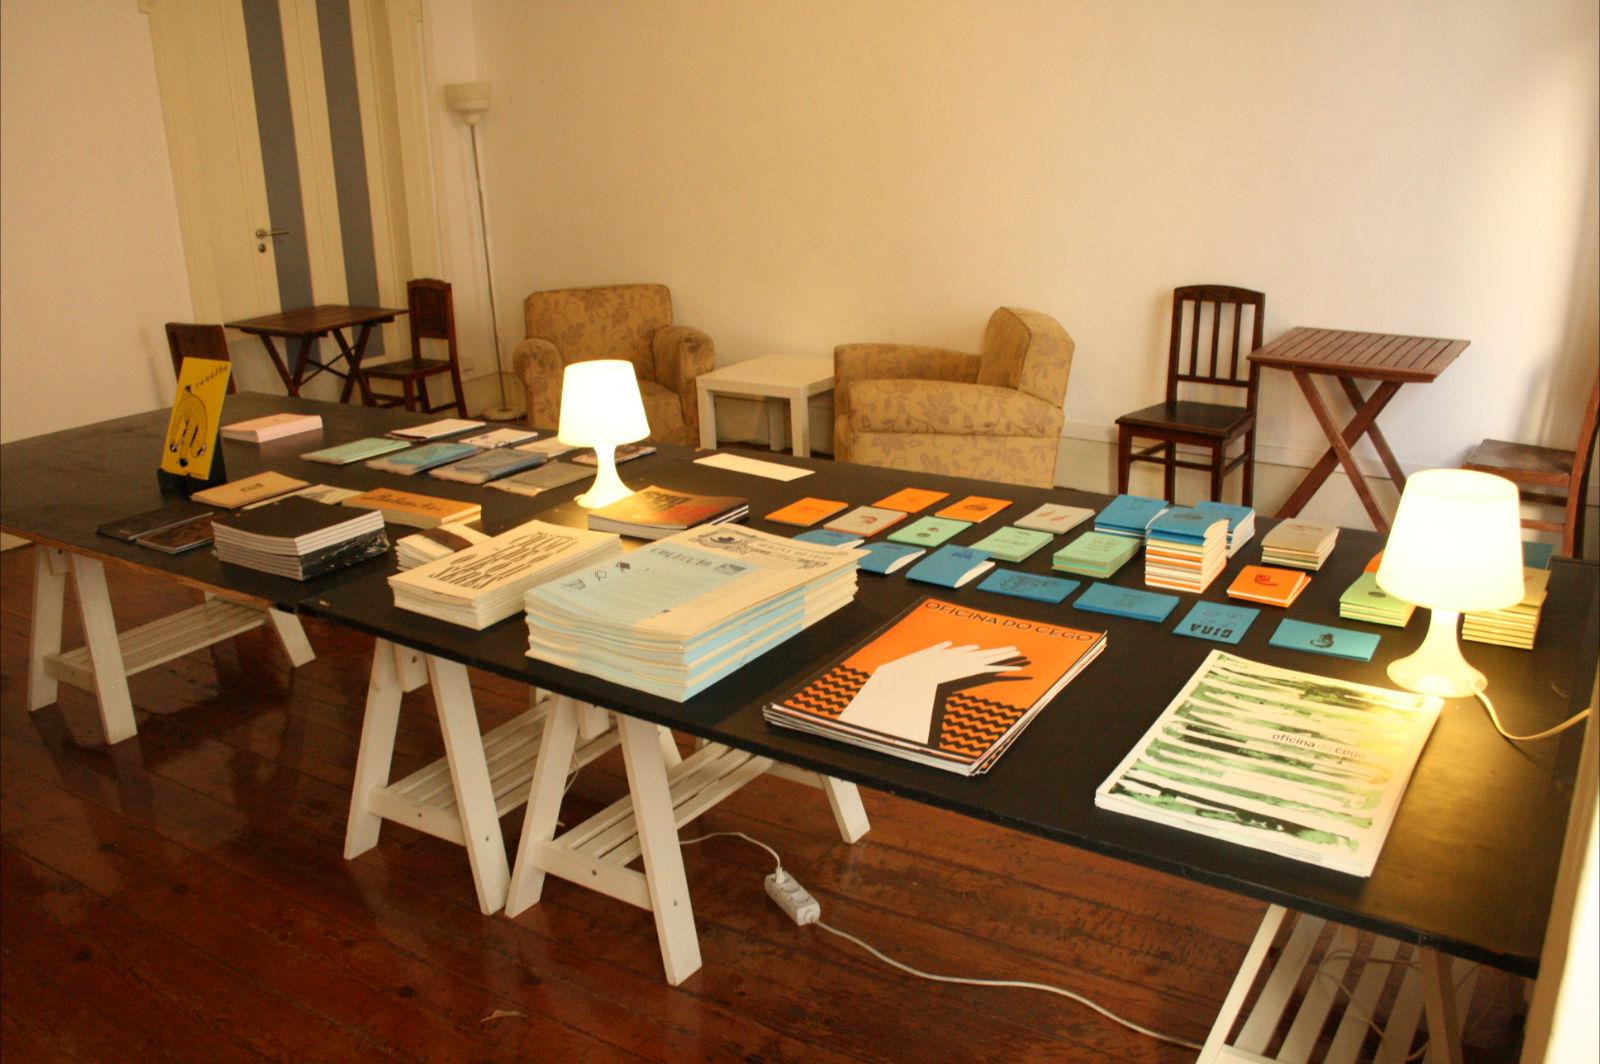 Oficina do cego associa o de artes gr ficas a oficina for Factory oficina